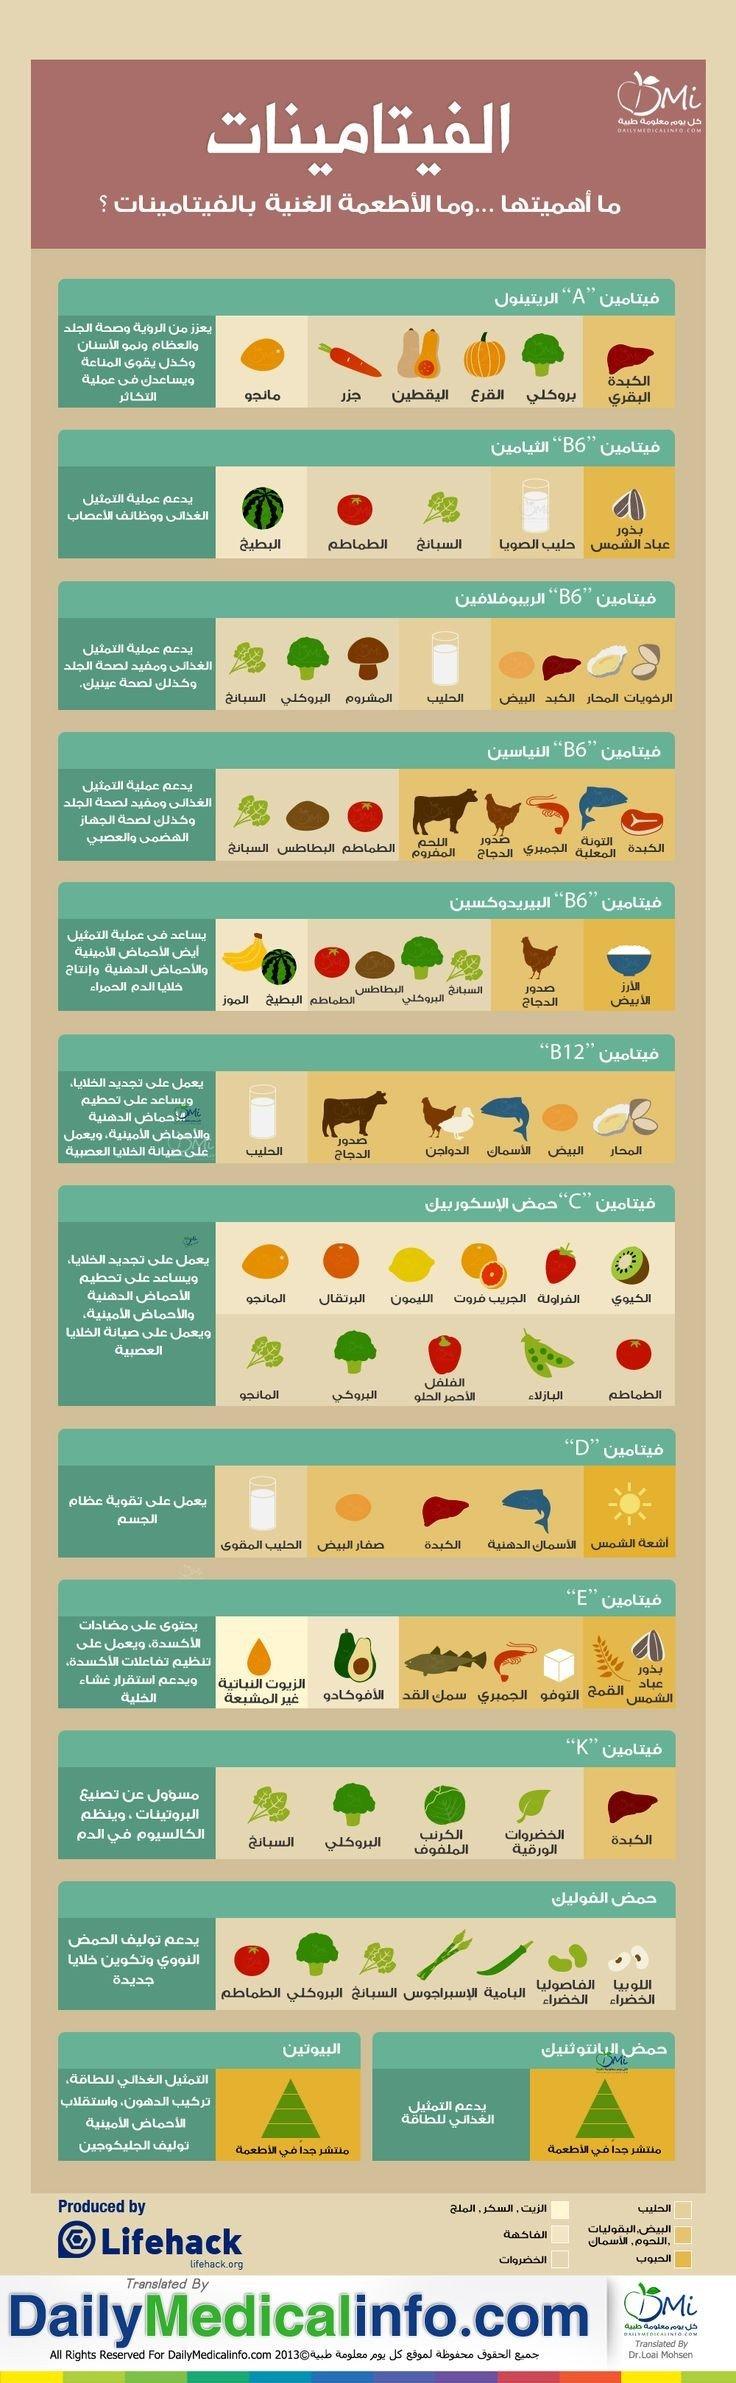 الفيتامينات المهمة ومصادرها من الأطعمة #انفوجرافيك #انفوجرافيك_عربي #صحة